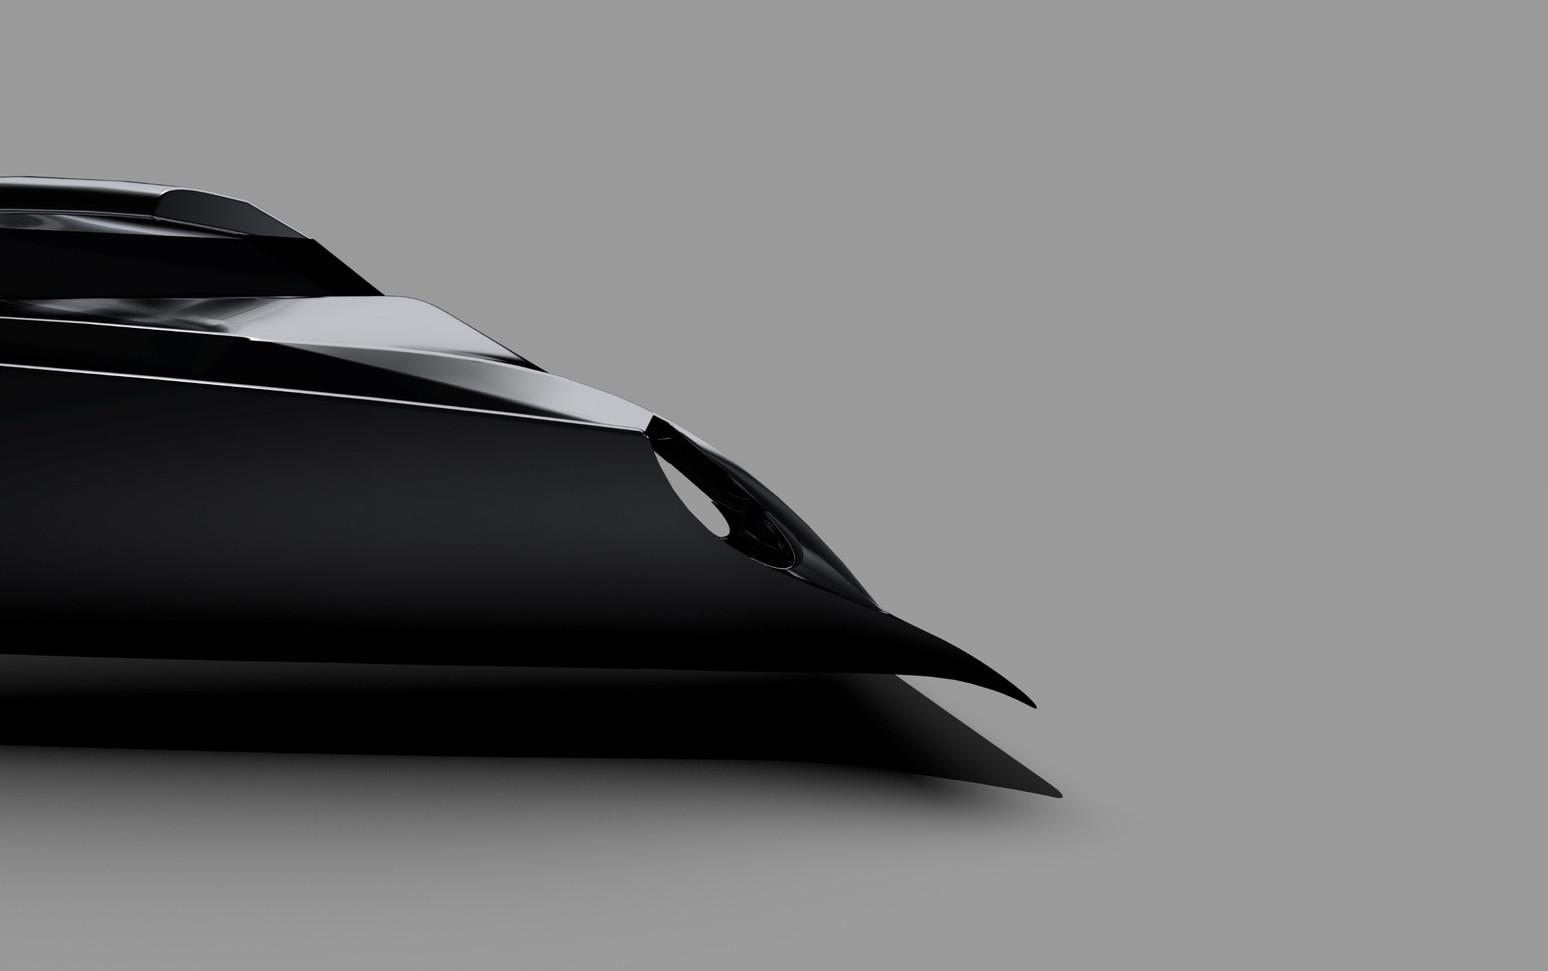 Chrom Yacht Brushed7_edited.jpg